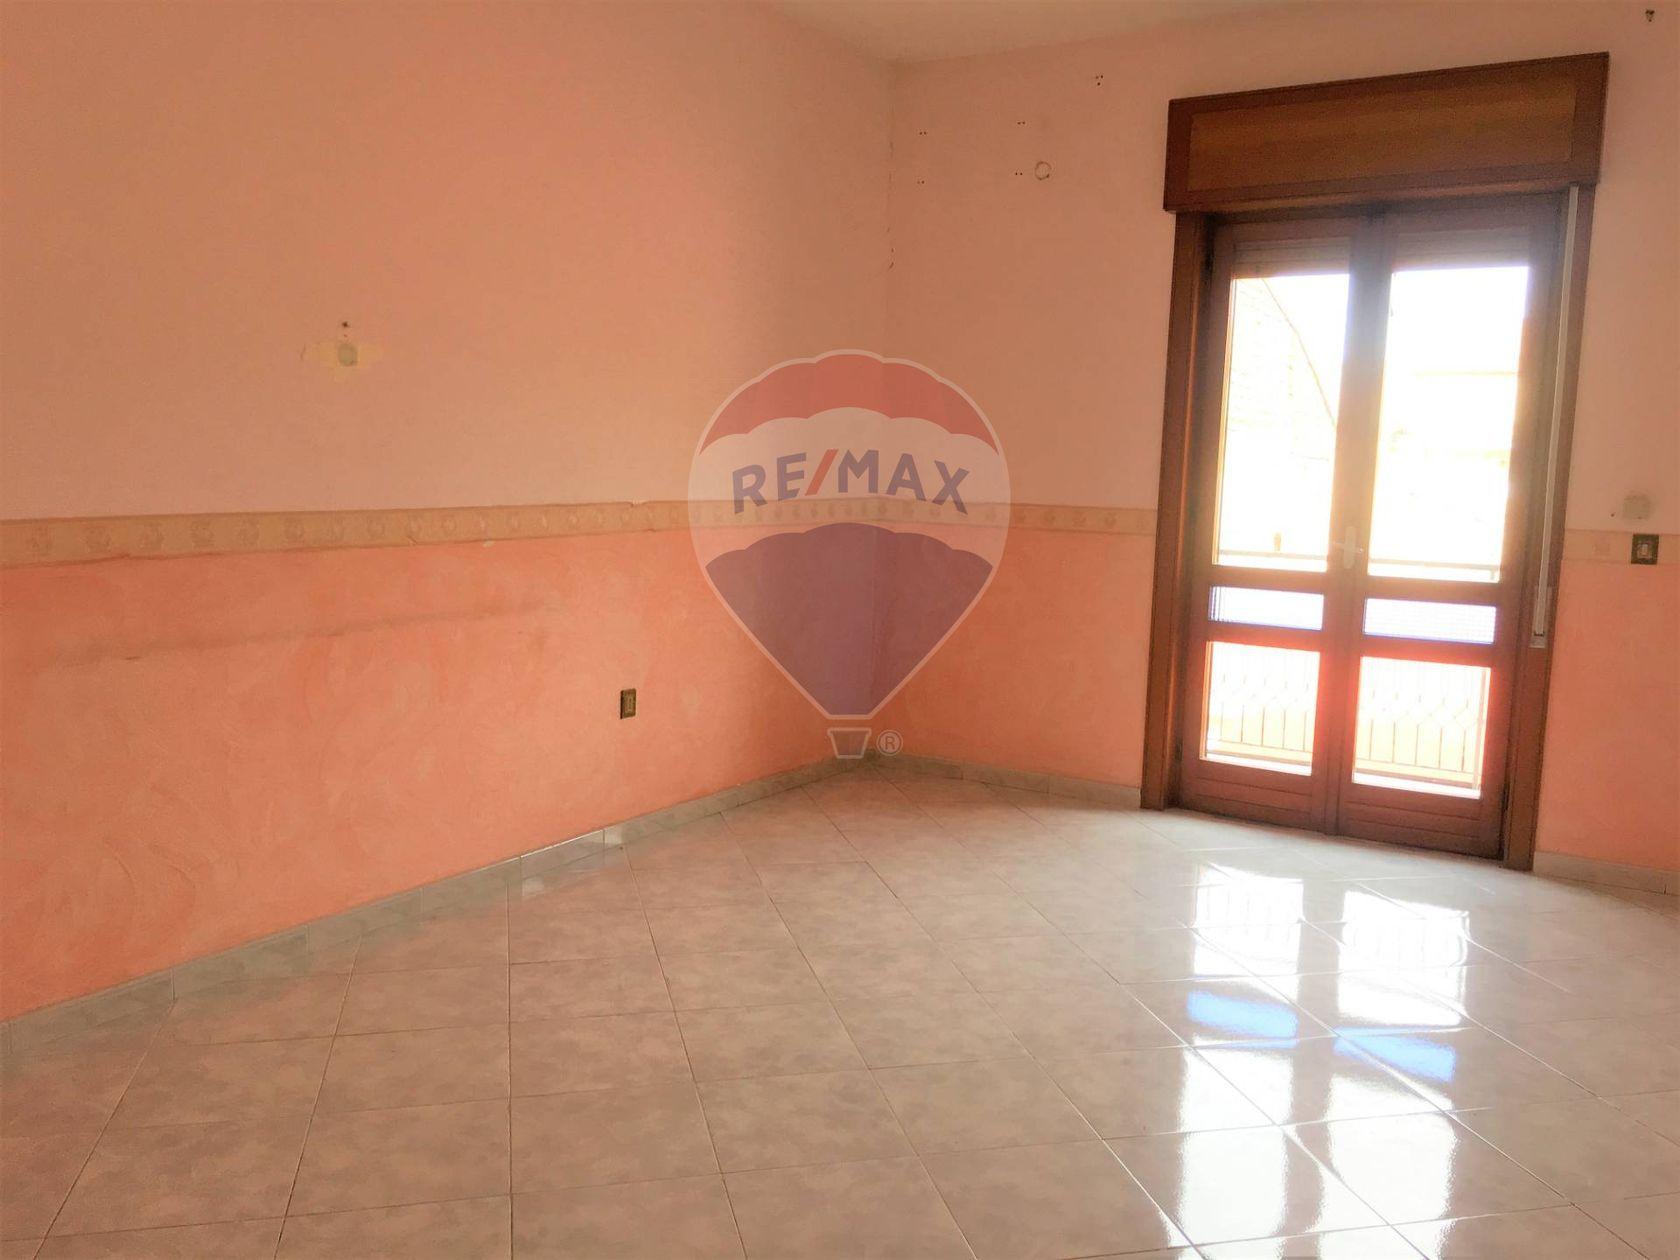 Appartamento Gricignano di Aversa, CE Vendita - Foto 7